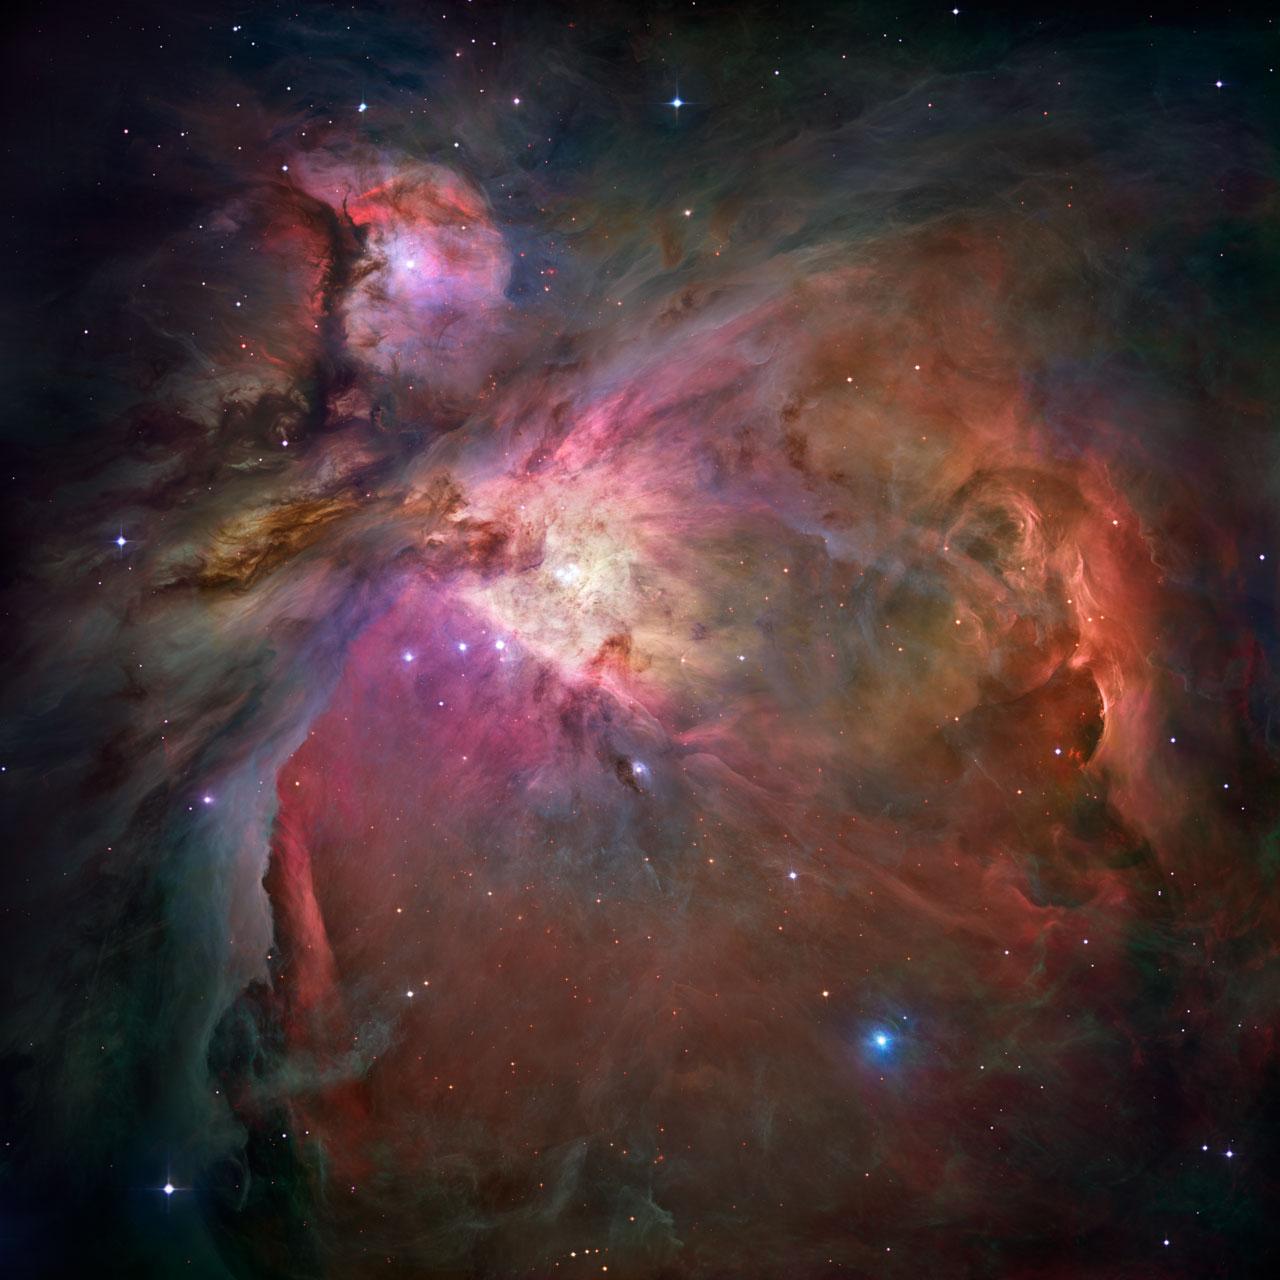 orion-nebula-xlarge_web.jpg